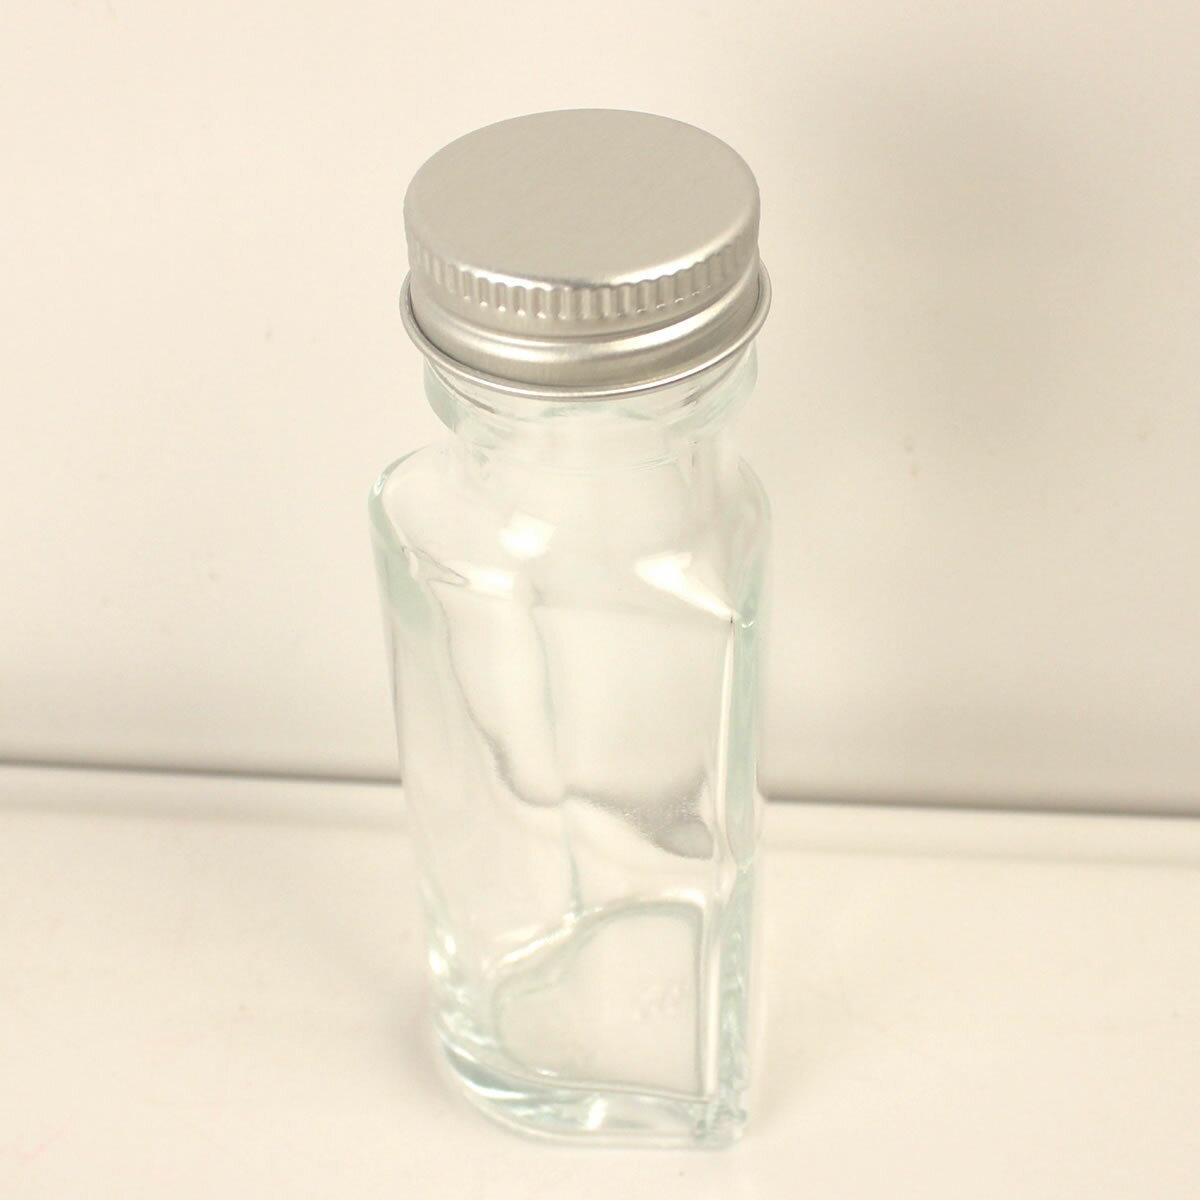 即日 ハーバリウム瓶 (ハート)50ml アルミ銀キャップ付《花資材・道具 ハーバリウム材料 ハーバリウム オイル》